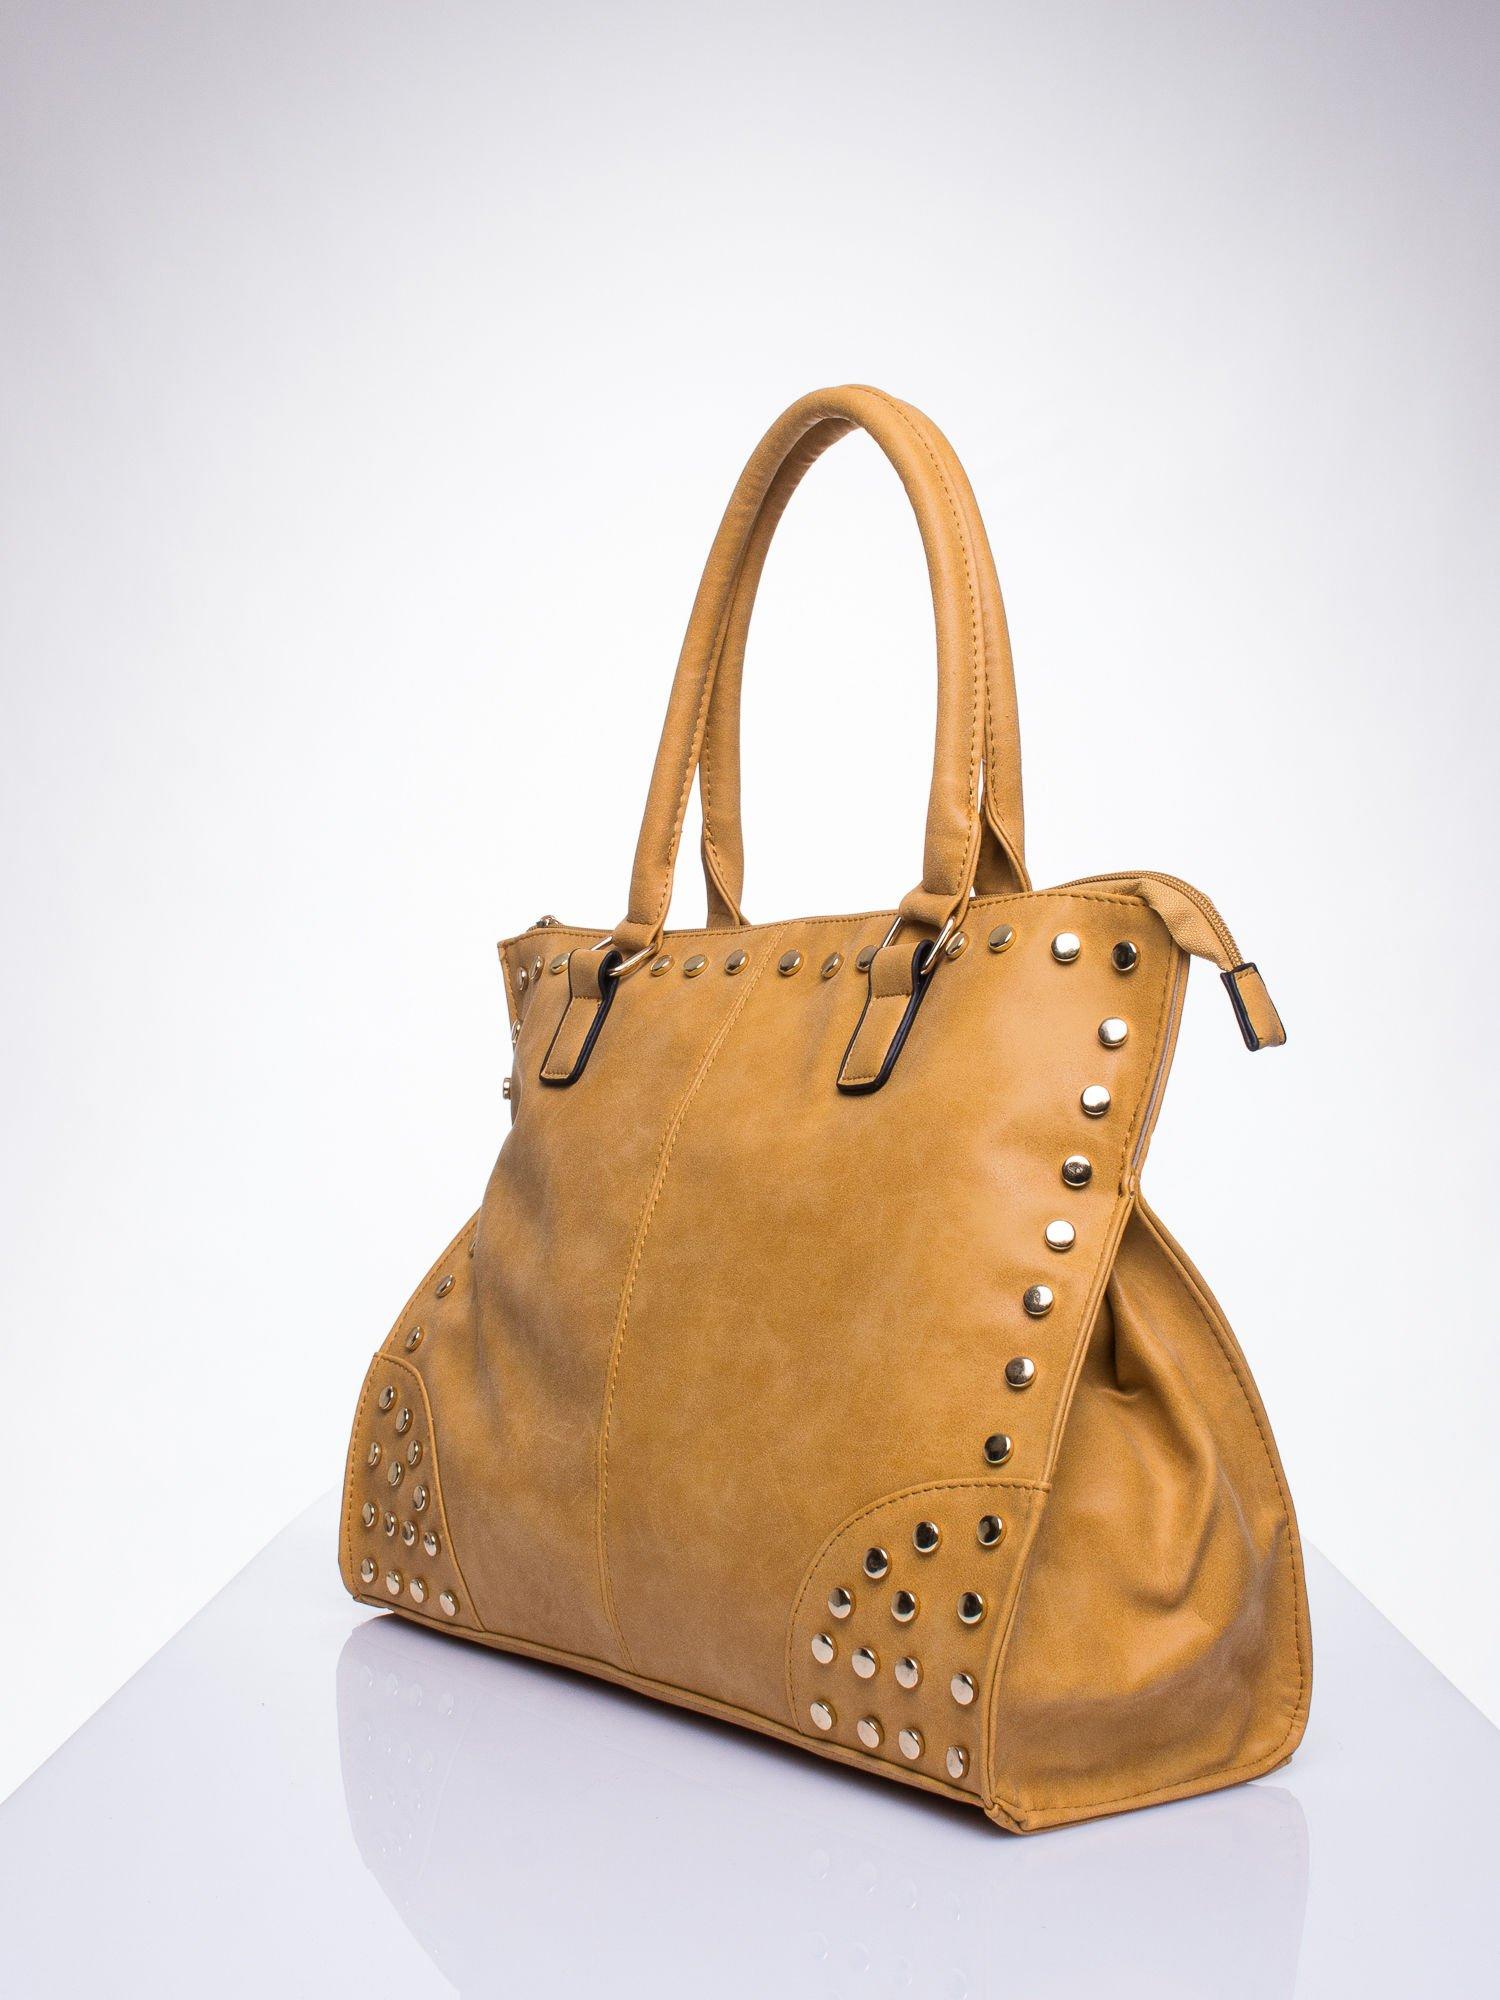 Karmelowa torba shopper bag ze złotymi ćwiekami                                  zdj.                                  2